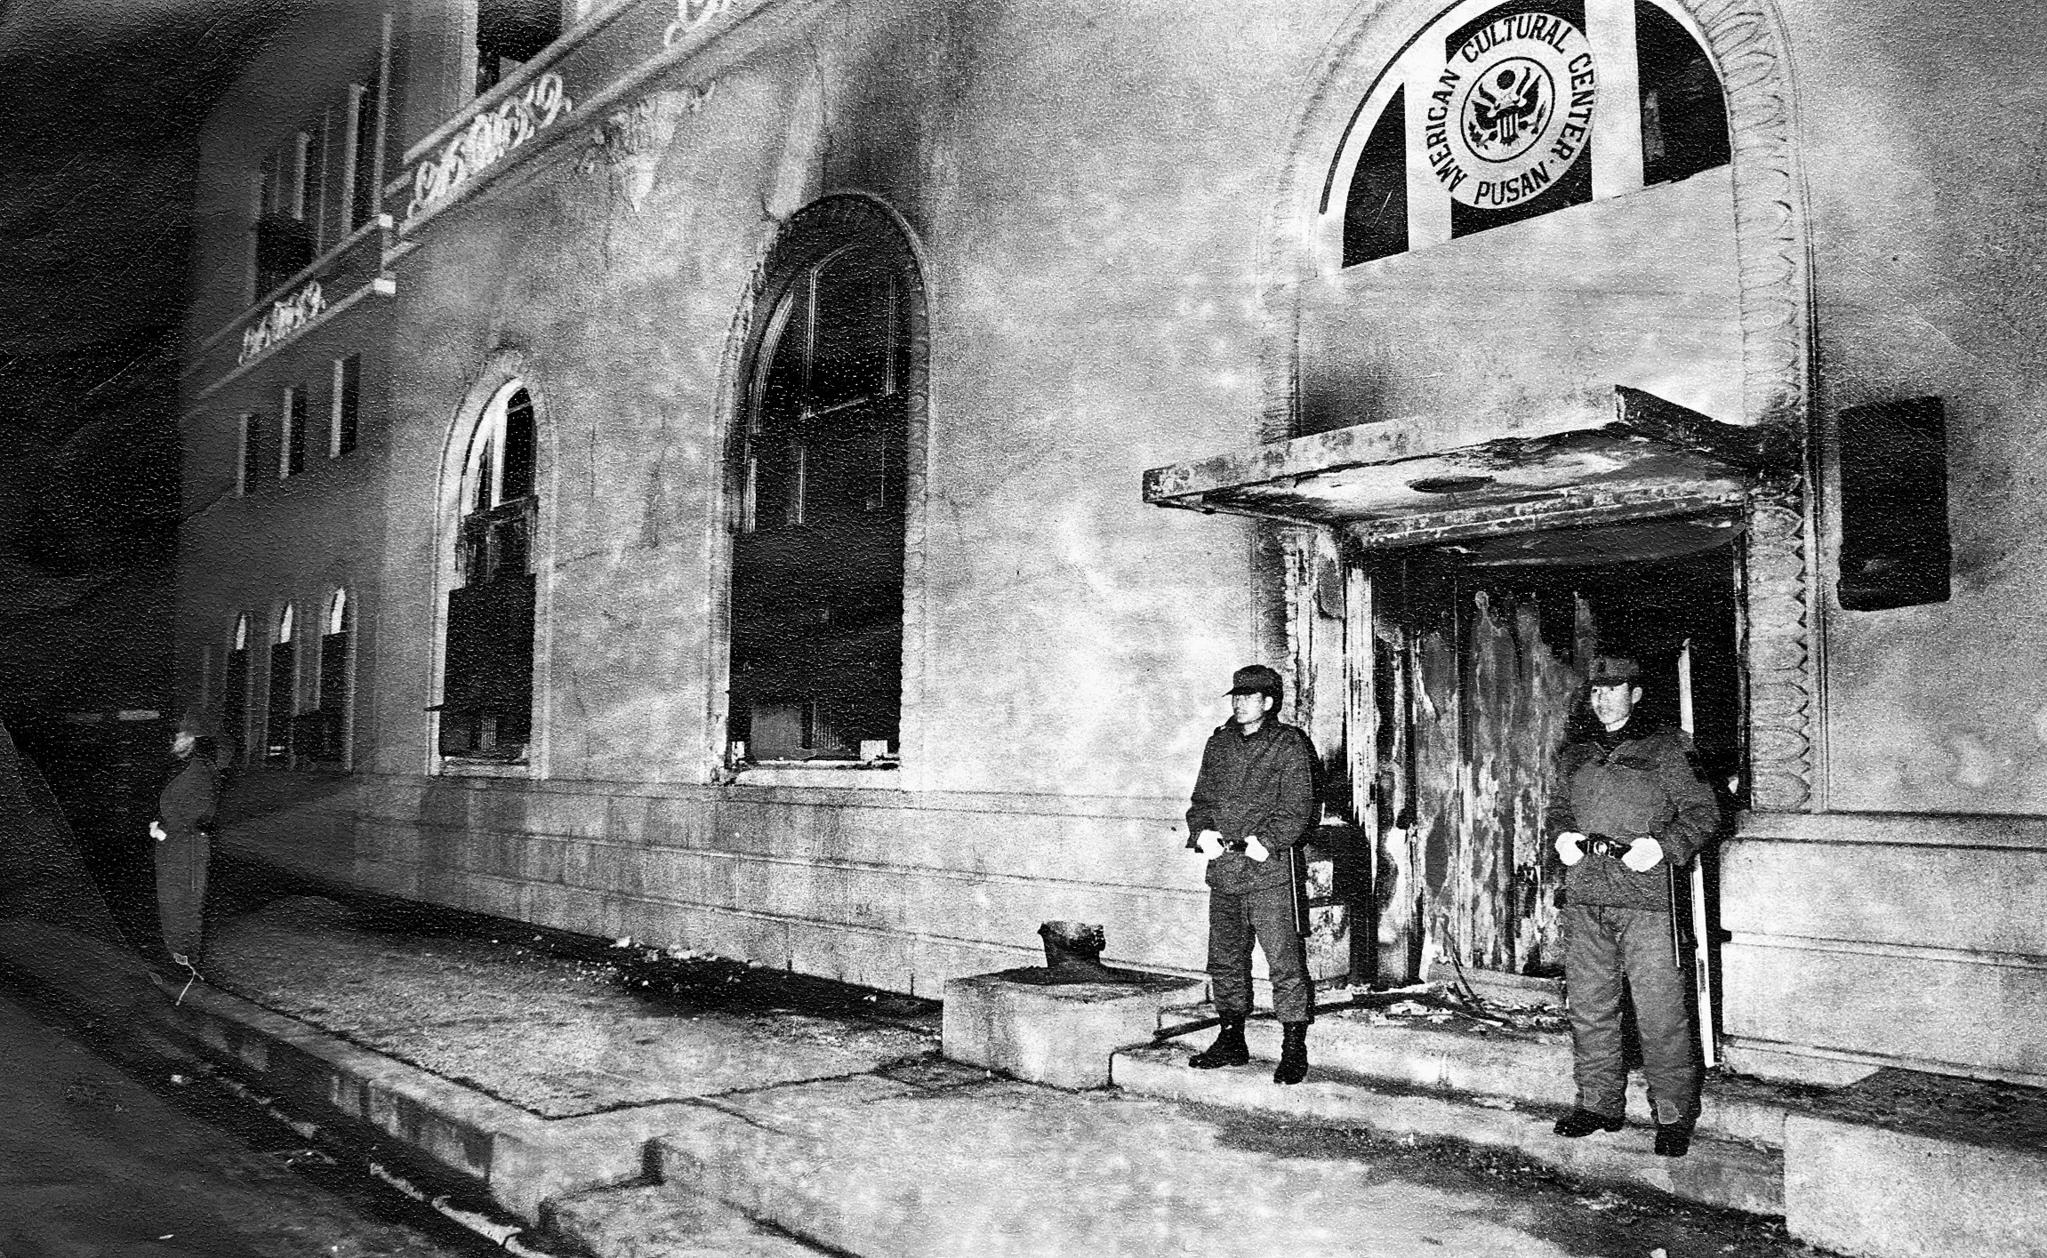 1982년 3월18일 오후 2시 부산 미국 문화원 건물에 방화로 인한 화재가 발생했다.